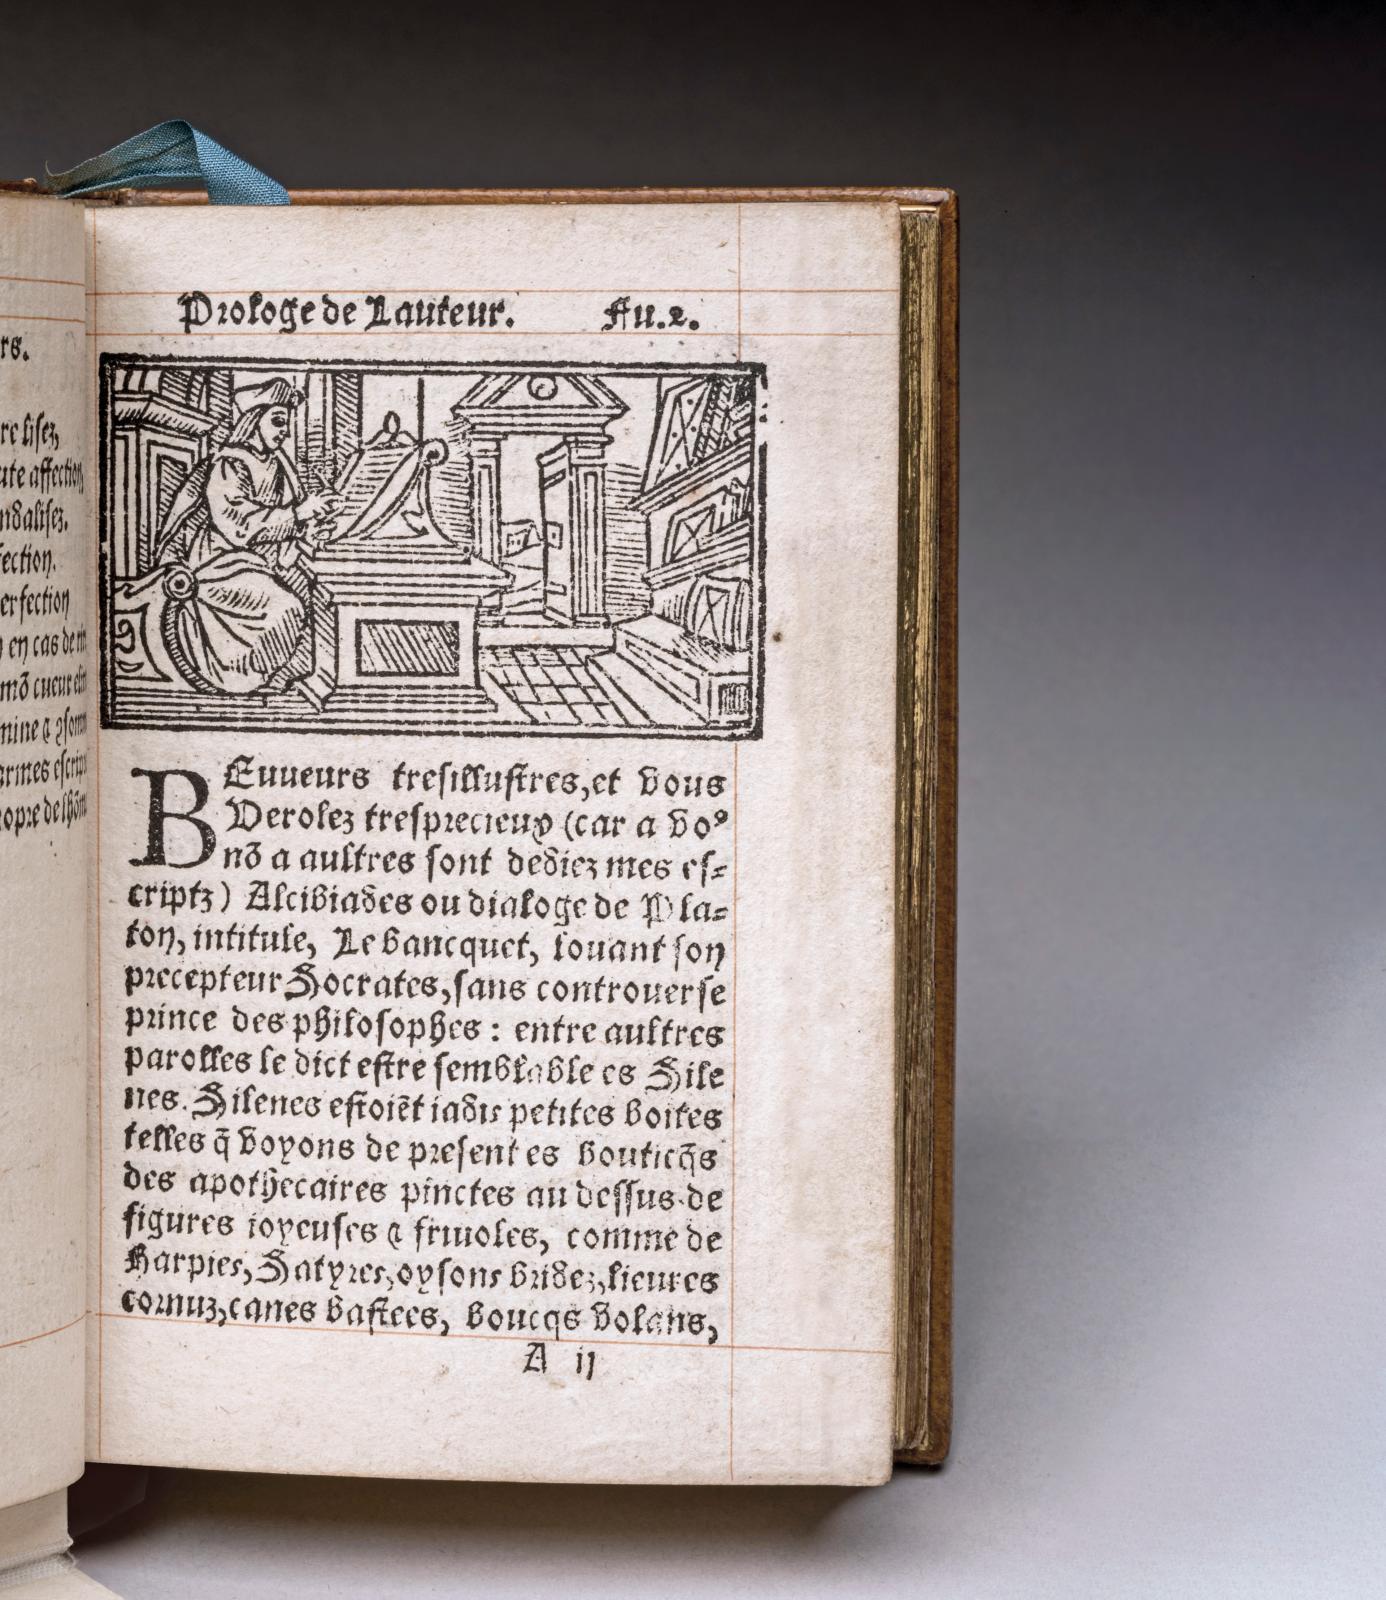 François Rabelais (1483-1553), La Vie treshorrificque du grand Gargantua, pere de Pantagruel […], 1542, Lyon, François Juste, un volume in-16, carré,